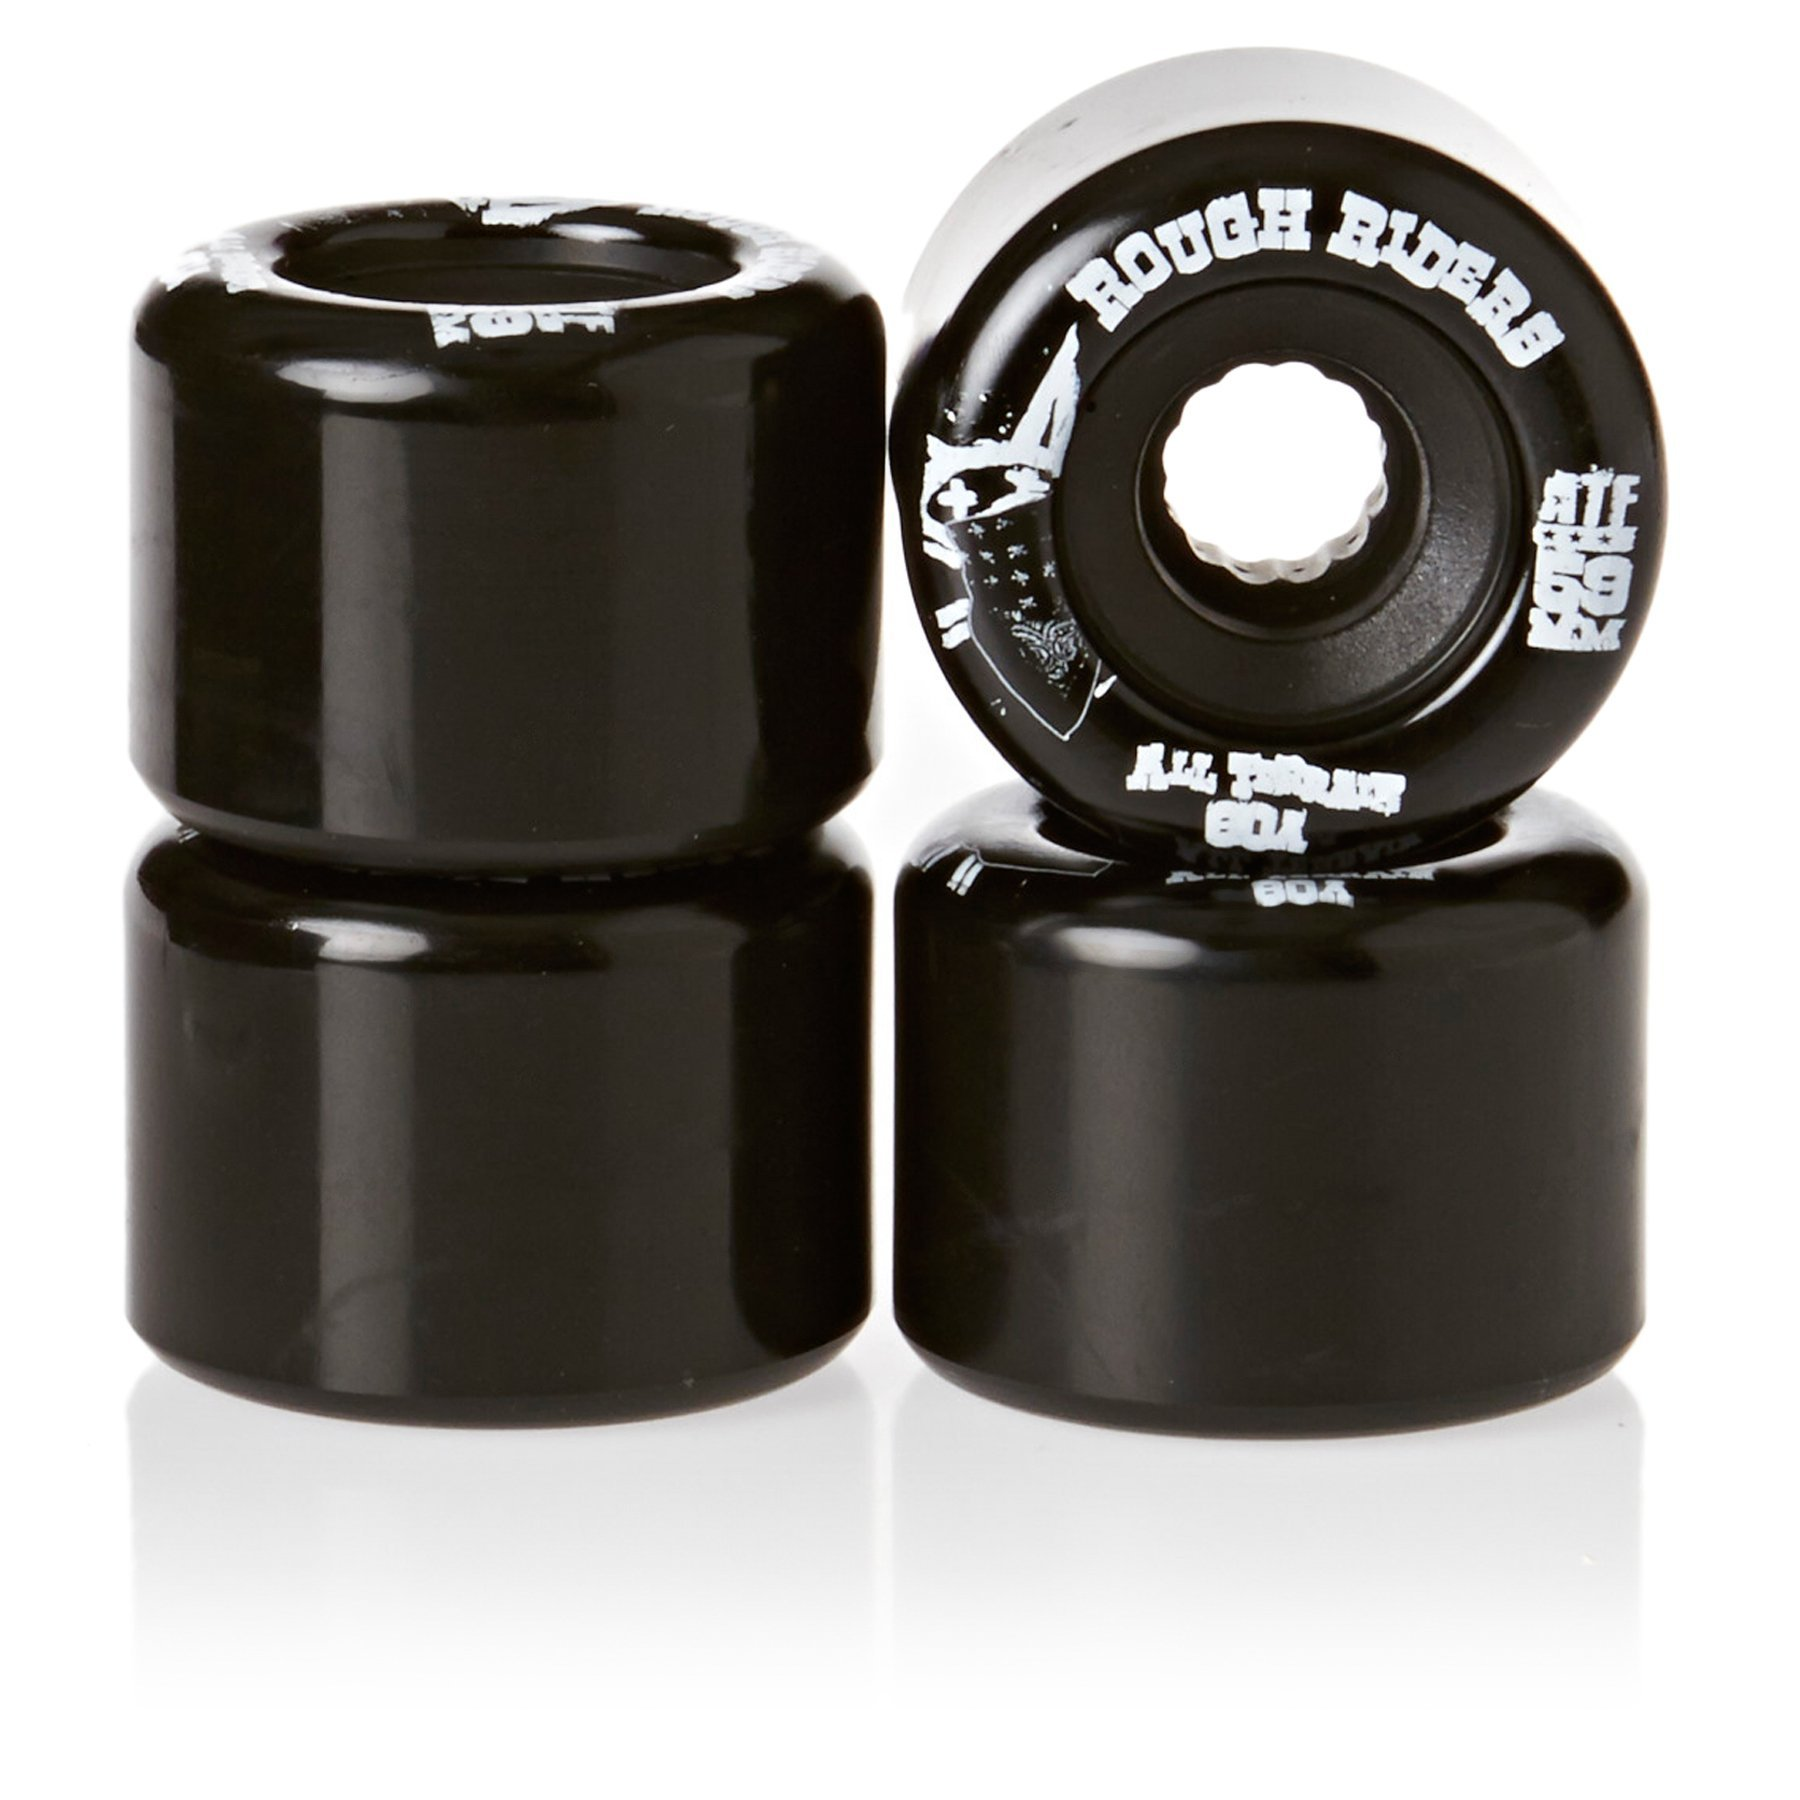 Bones Wheels Rough Riders 59mm Black Skateboard Wheels by Bones Wheels